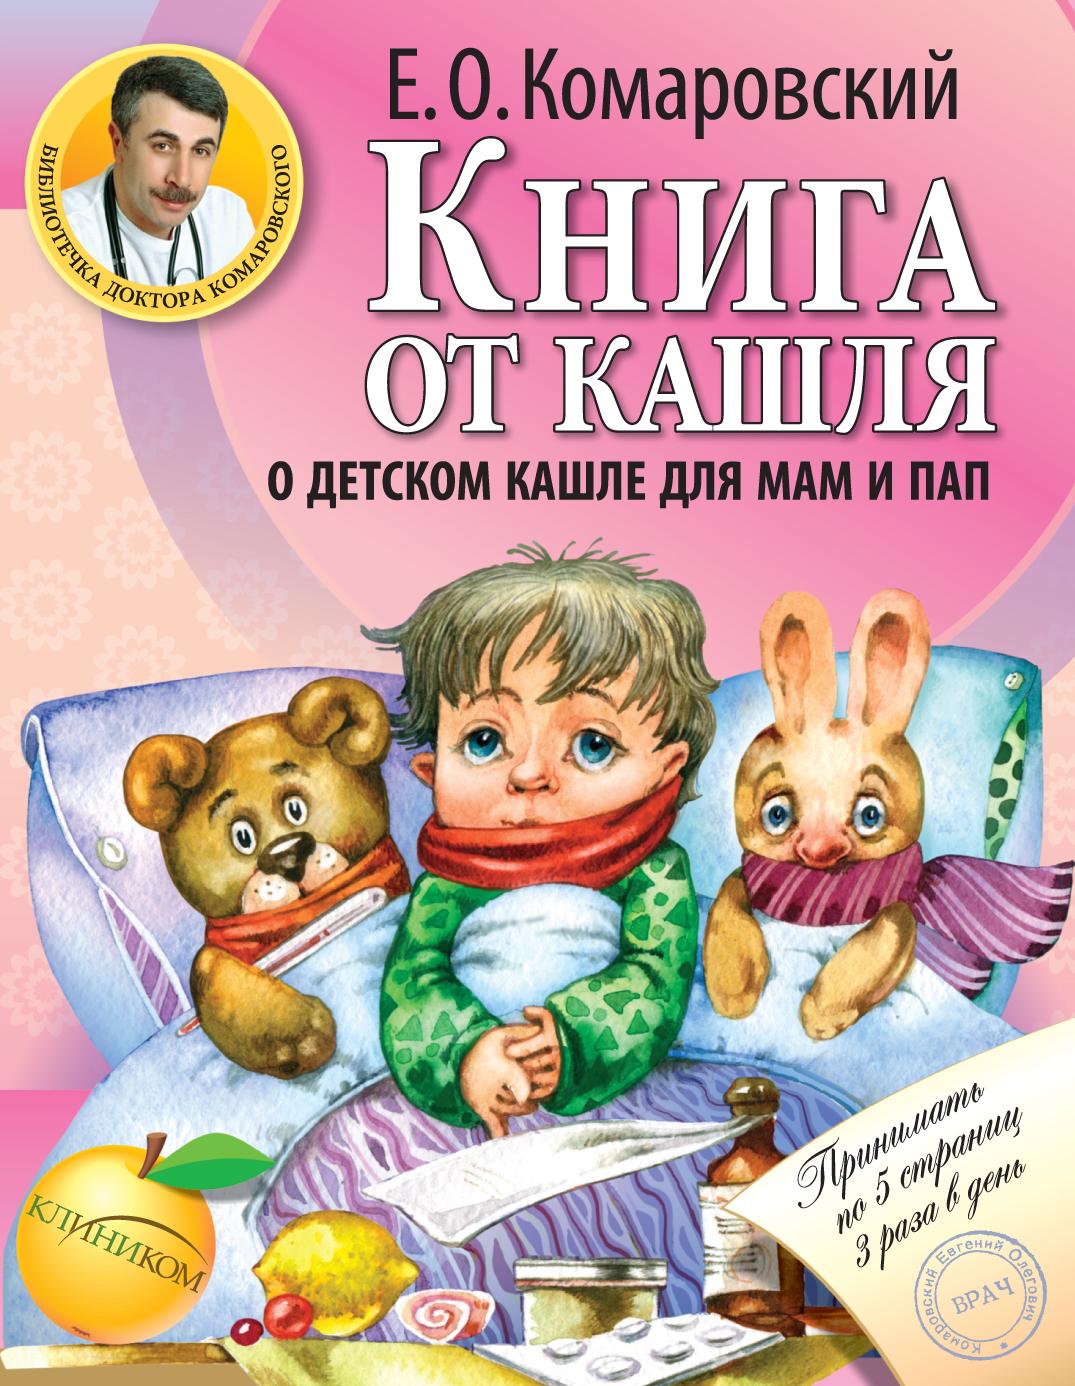 Книга от кашля: о детском кашле для мам и пап ( Комаровский Е.О.  )